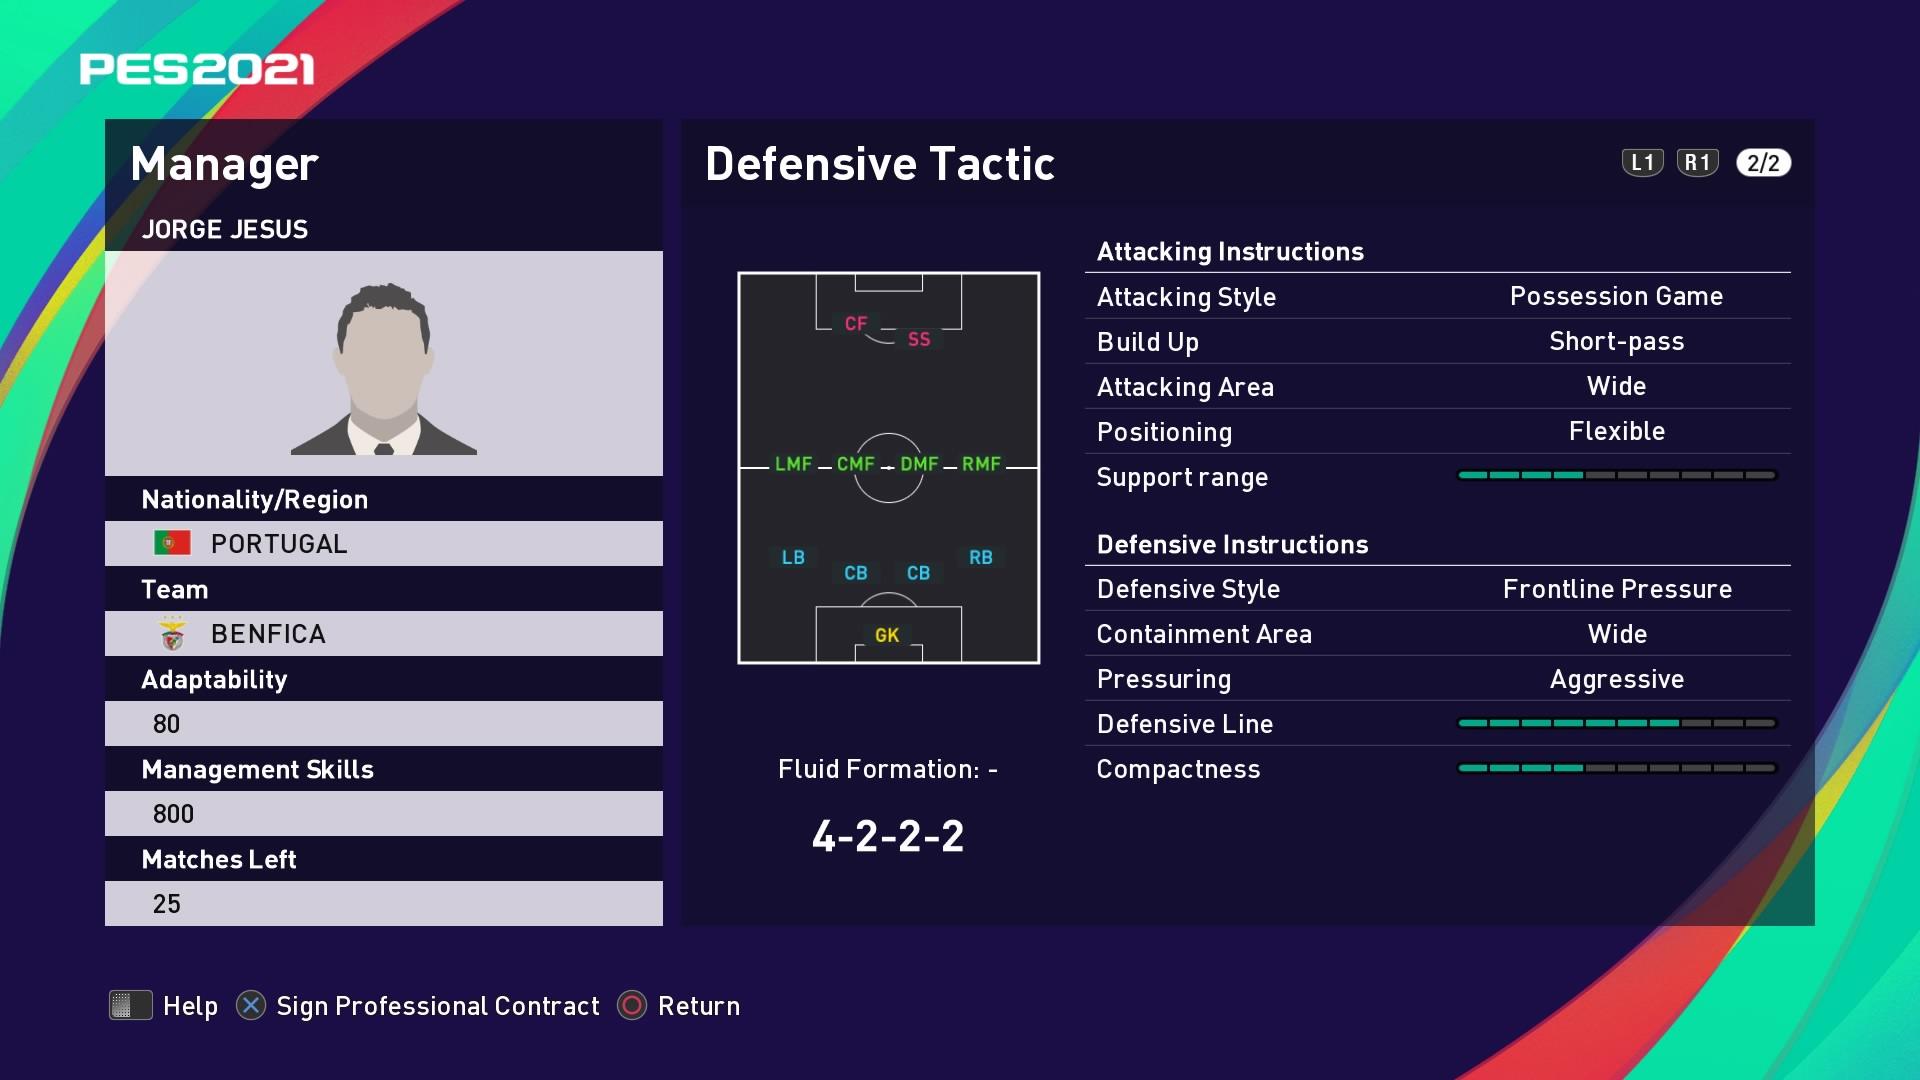 Jorge Jesus Defensive Tactic in PES 2021 myClub